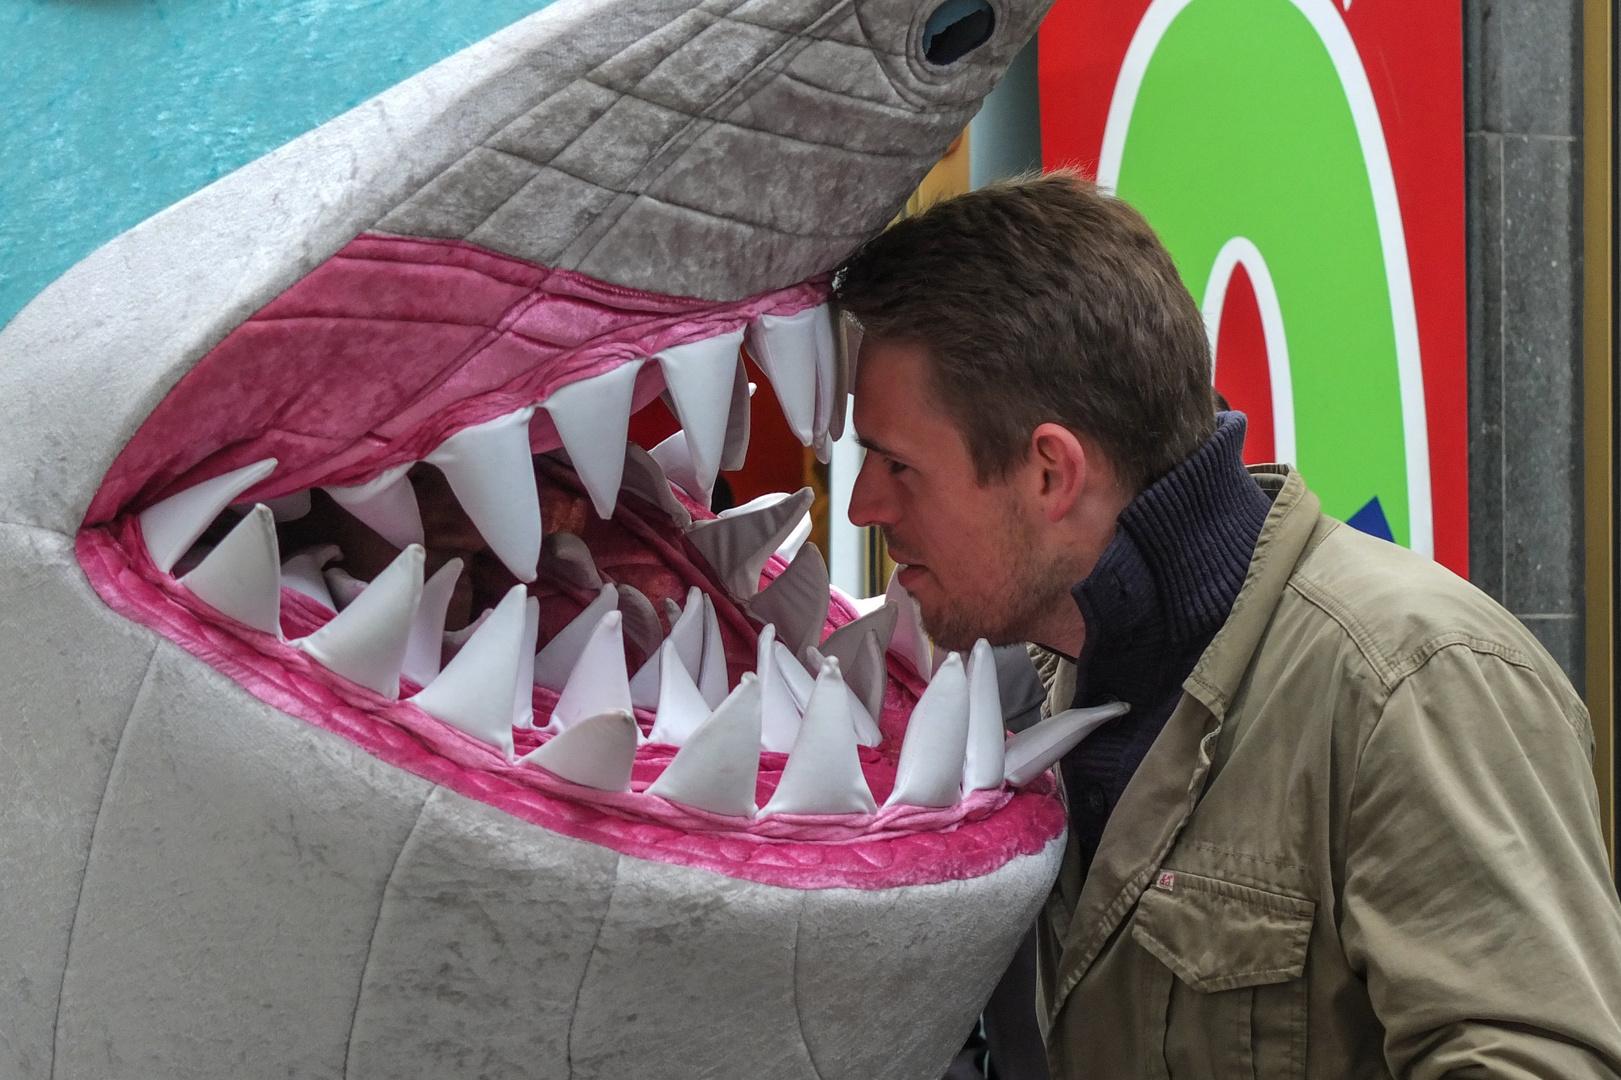 Mann beißt Hai!